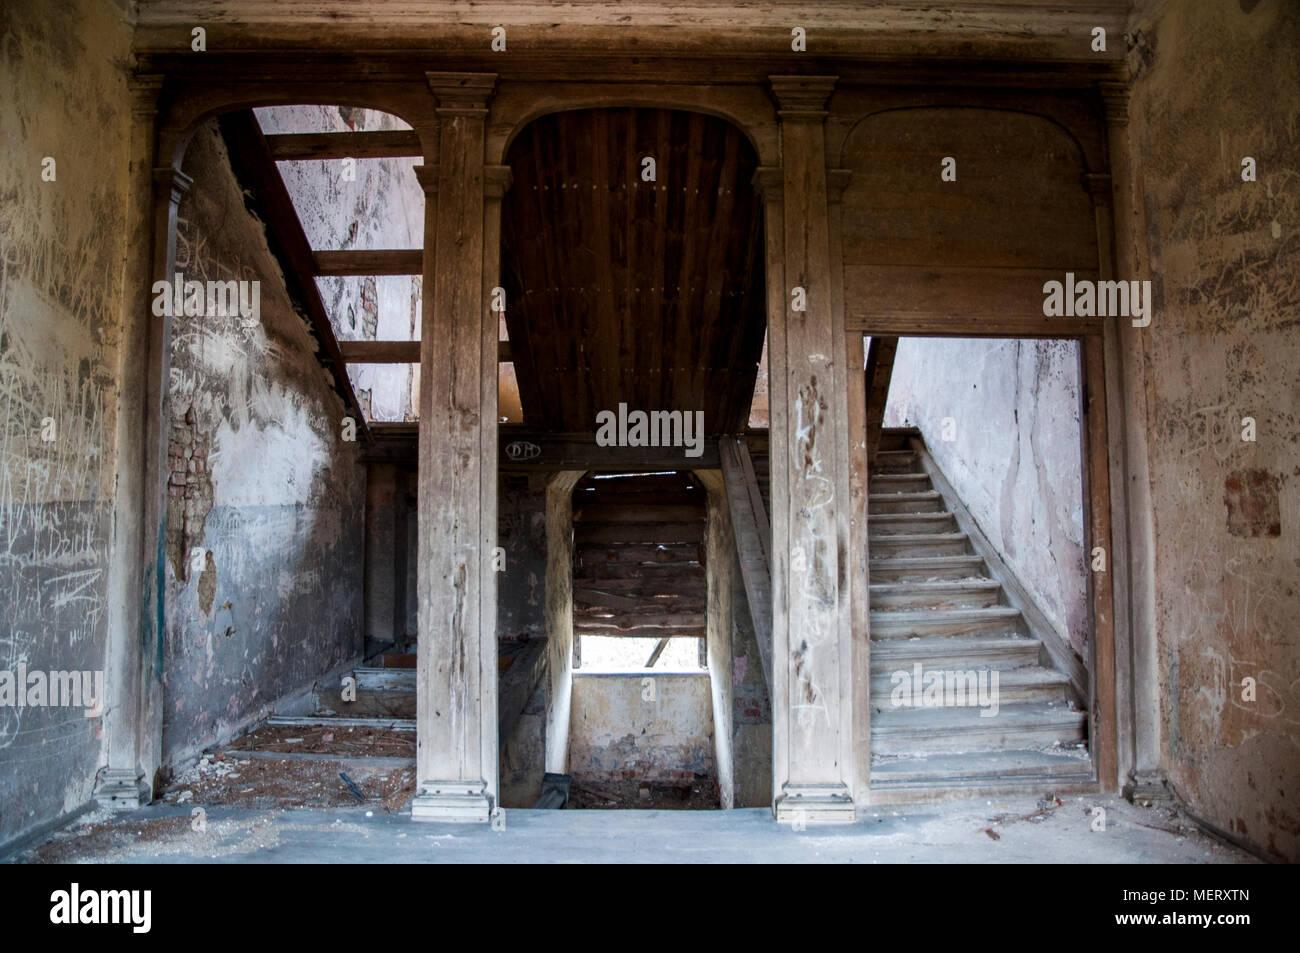 Une Vieille Maison En Ruine A L Interieur Ancien De L Interieur A